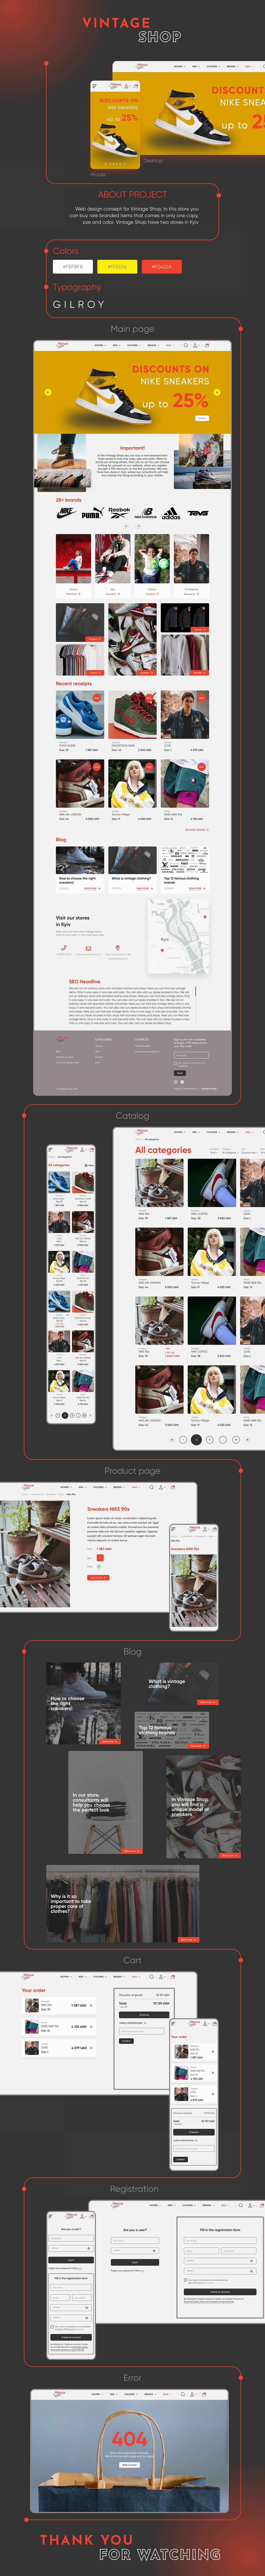 clients corporative interaction photos shop UI ux ux/ui vintage vintage shop